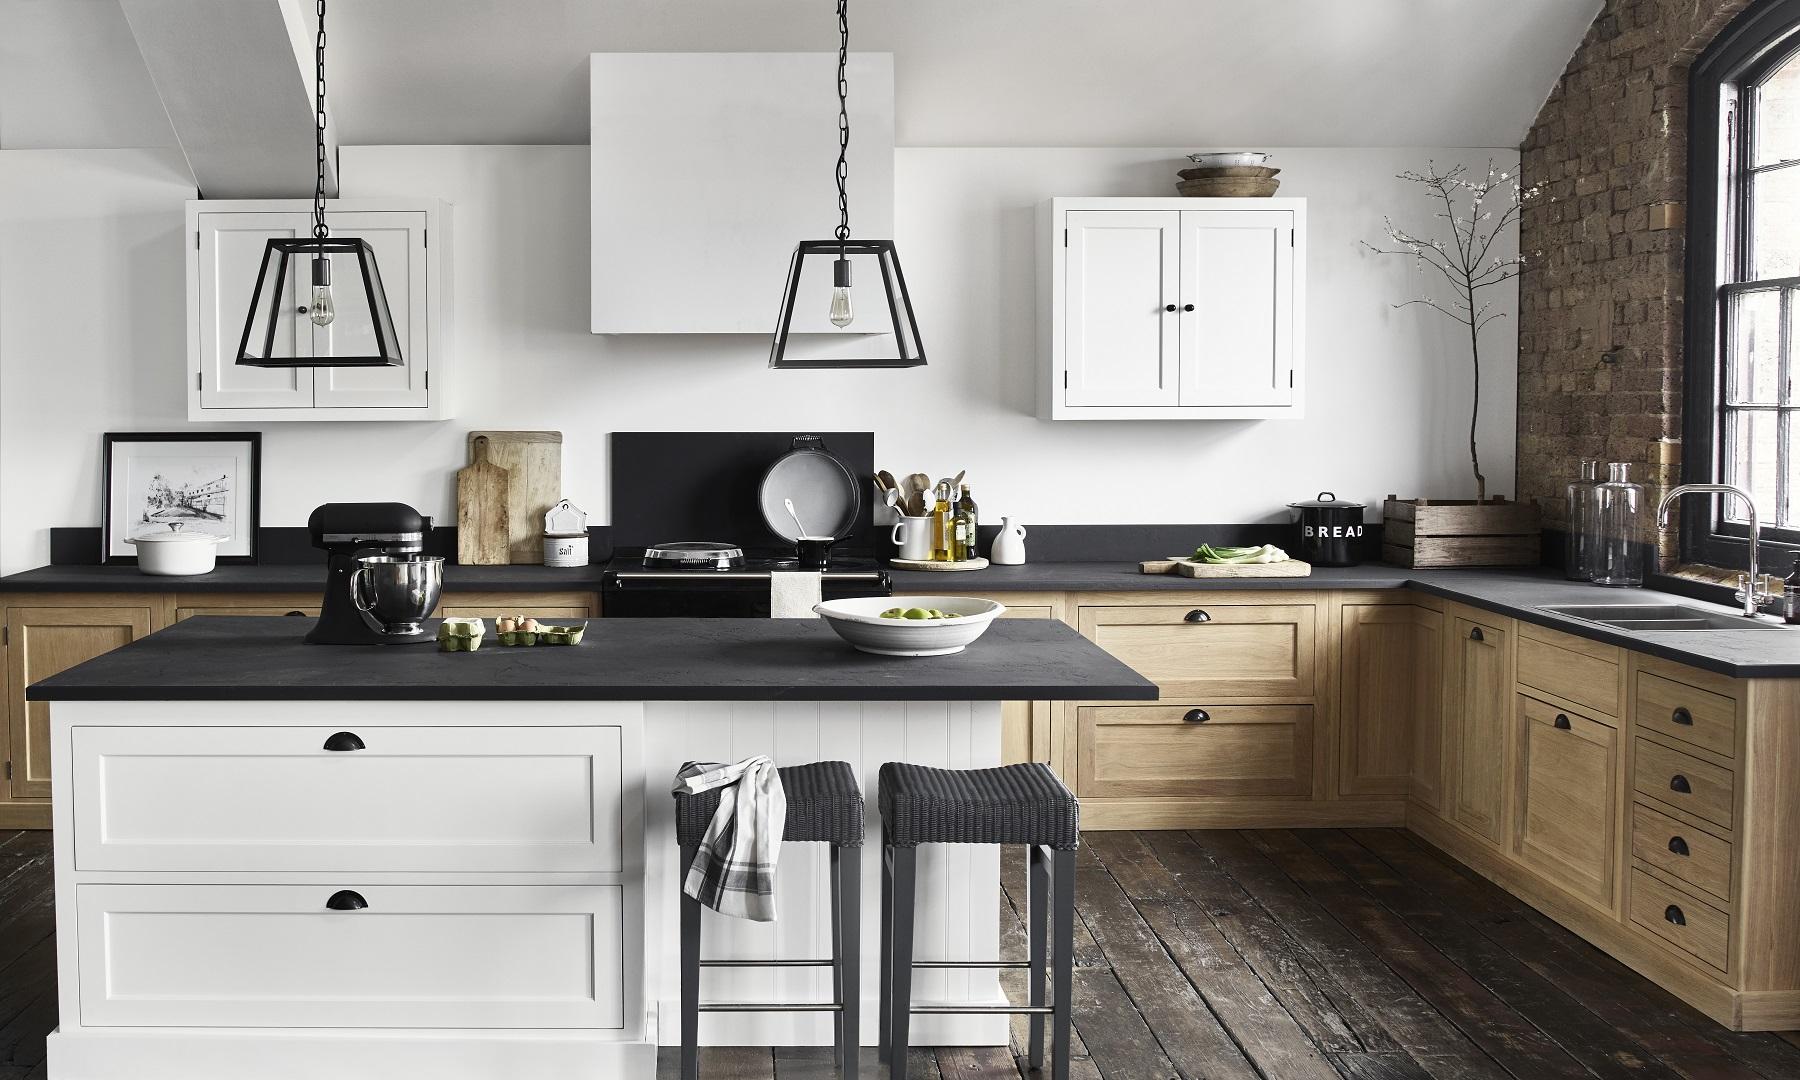 Full Size of Landhausküche Ikea Landhauskchen Kchendesignmagazin Lassen Sie Sich Inspirieren Küche Kosten Modulküche Gebraucht Miniküche Kaufen Betten Bei Moderne Grau Wohnzimmer Landhausküche Ikea